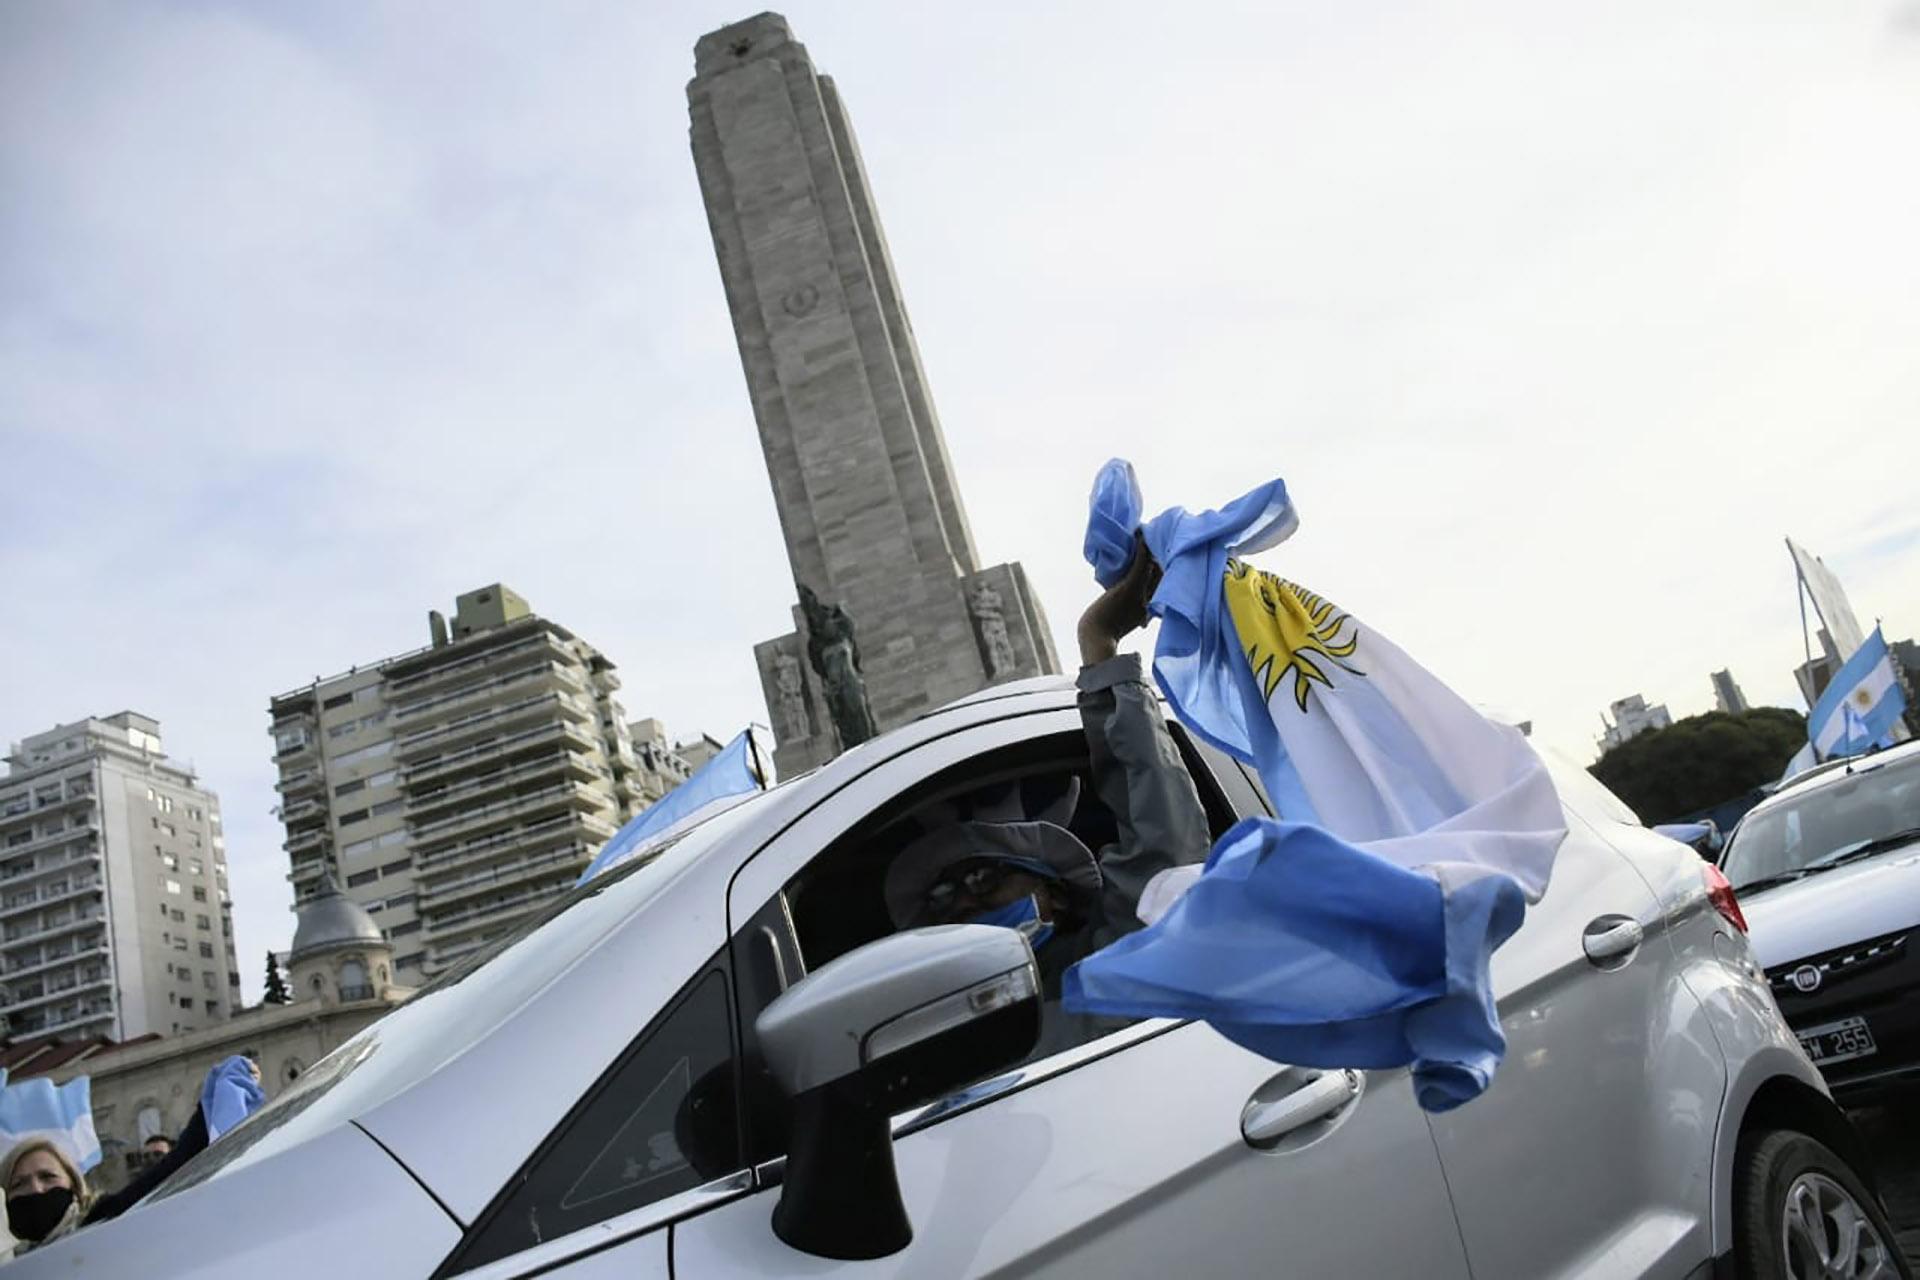 El Monumento a la Bandera, en Rosario, fue otro de los puntos de mayor concentración